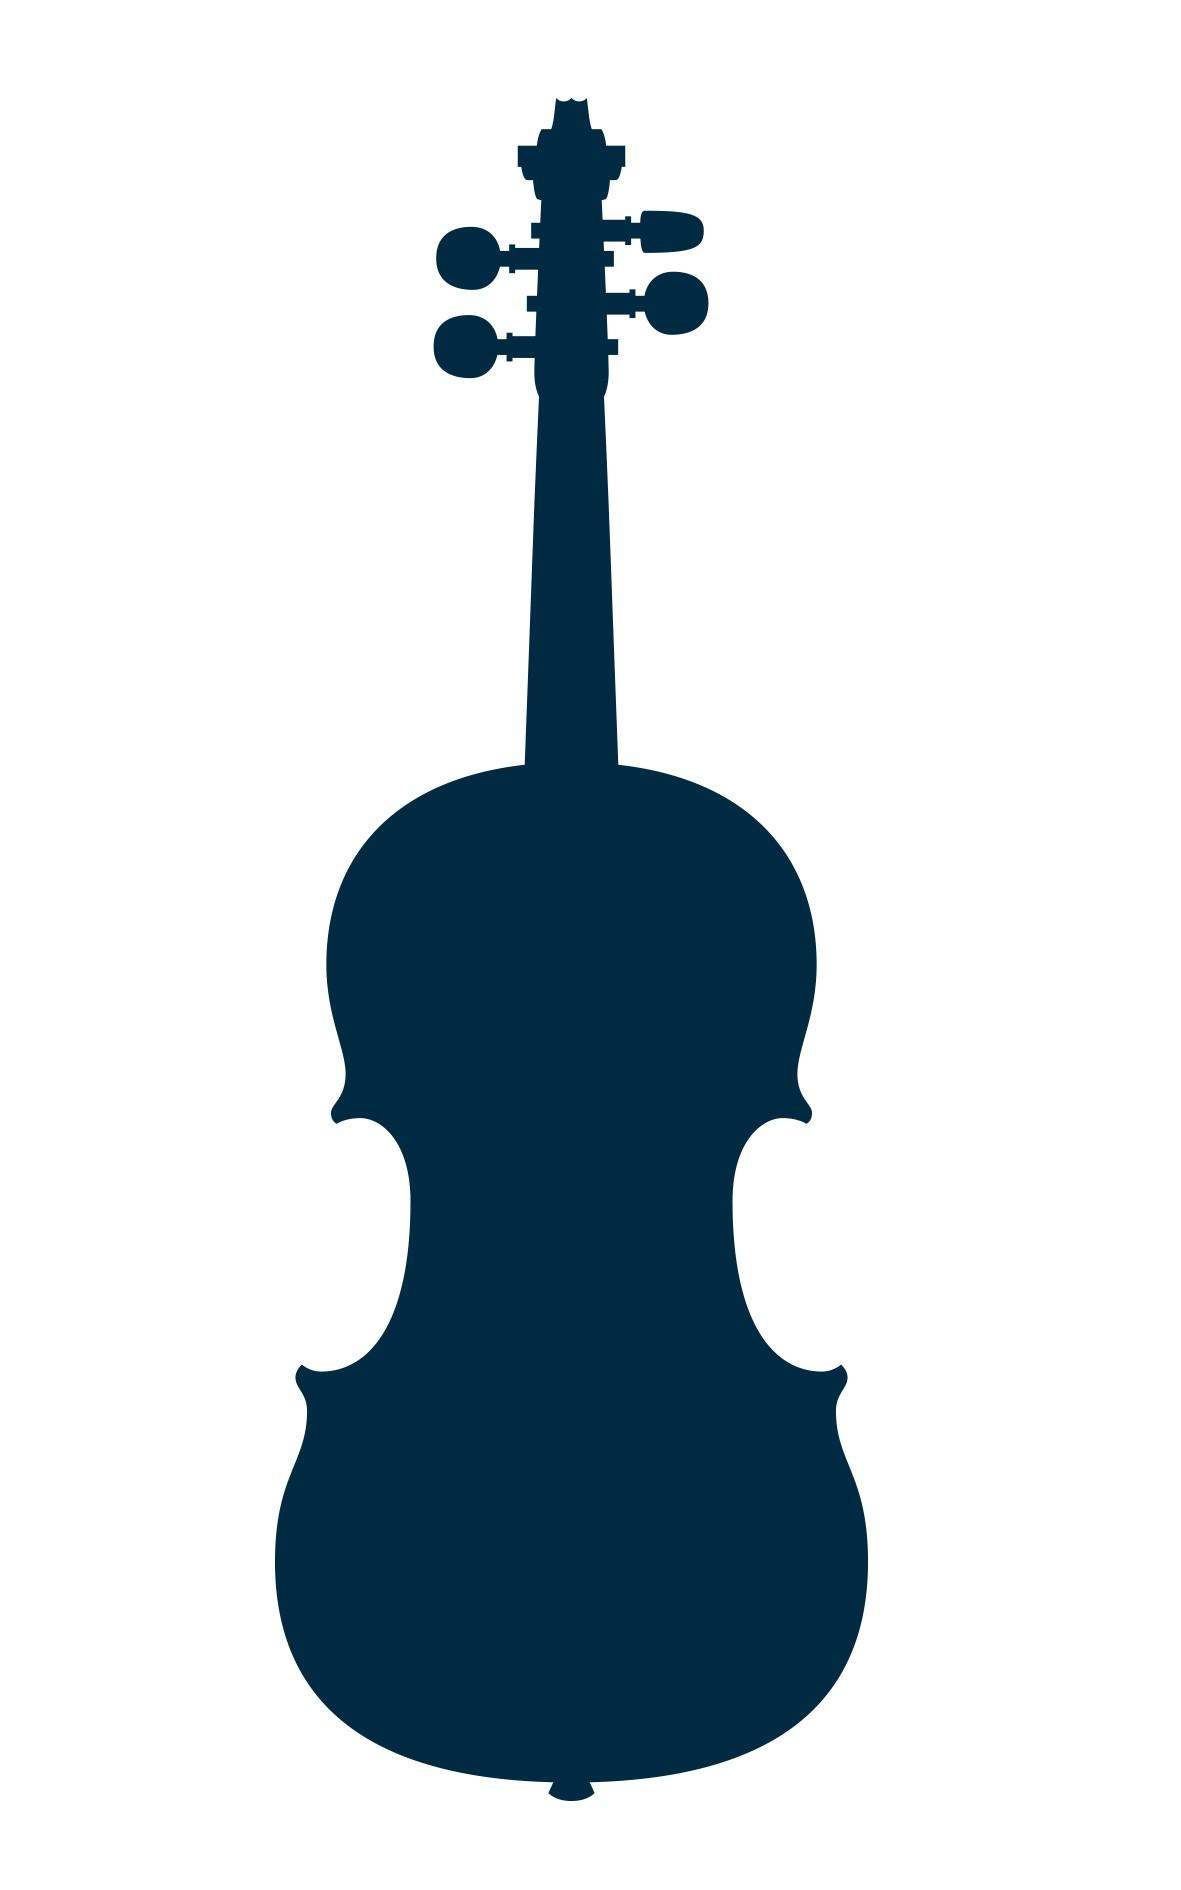 Markneukirchen violin by Theodor Stark